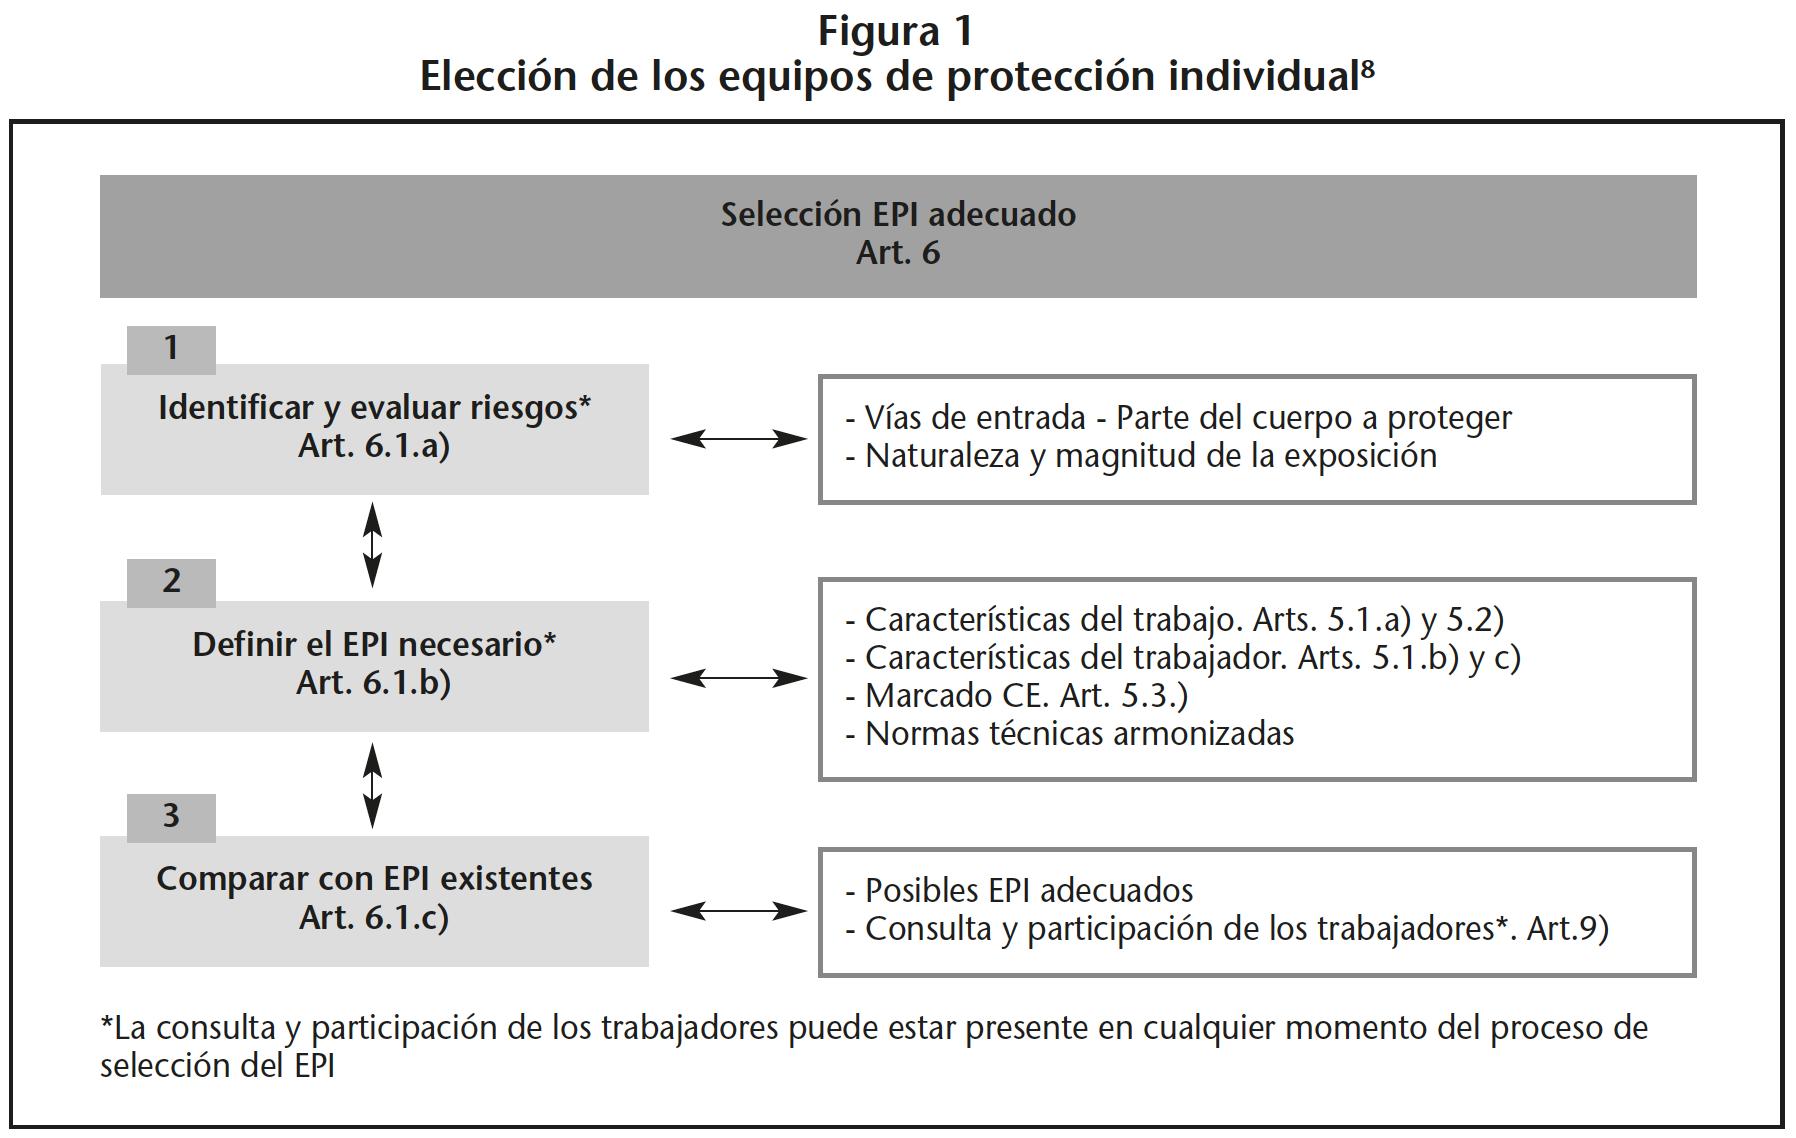 184aa18ec7cff Así, en la manipulación de MP, deben utilizarse EPI que permitan una  protección eficaz frente a los riesgos que motivan su uso, sin suponer por  sí mismos un ...